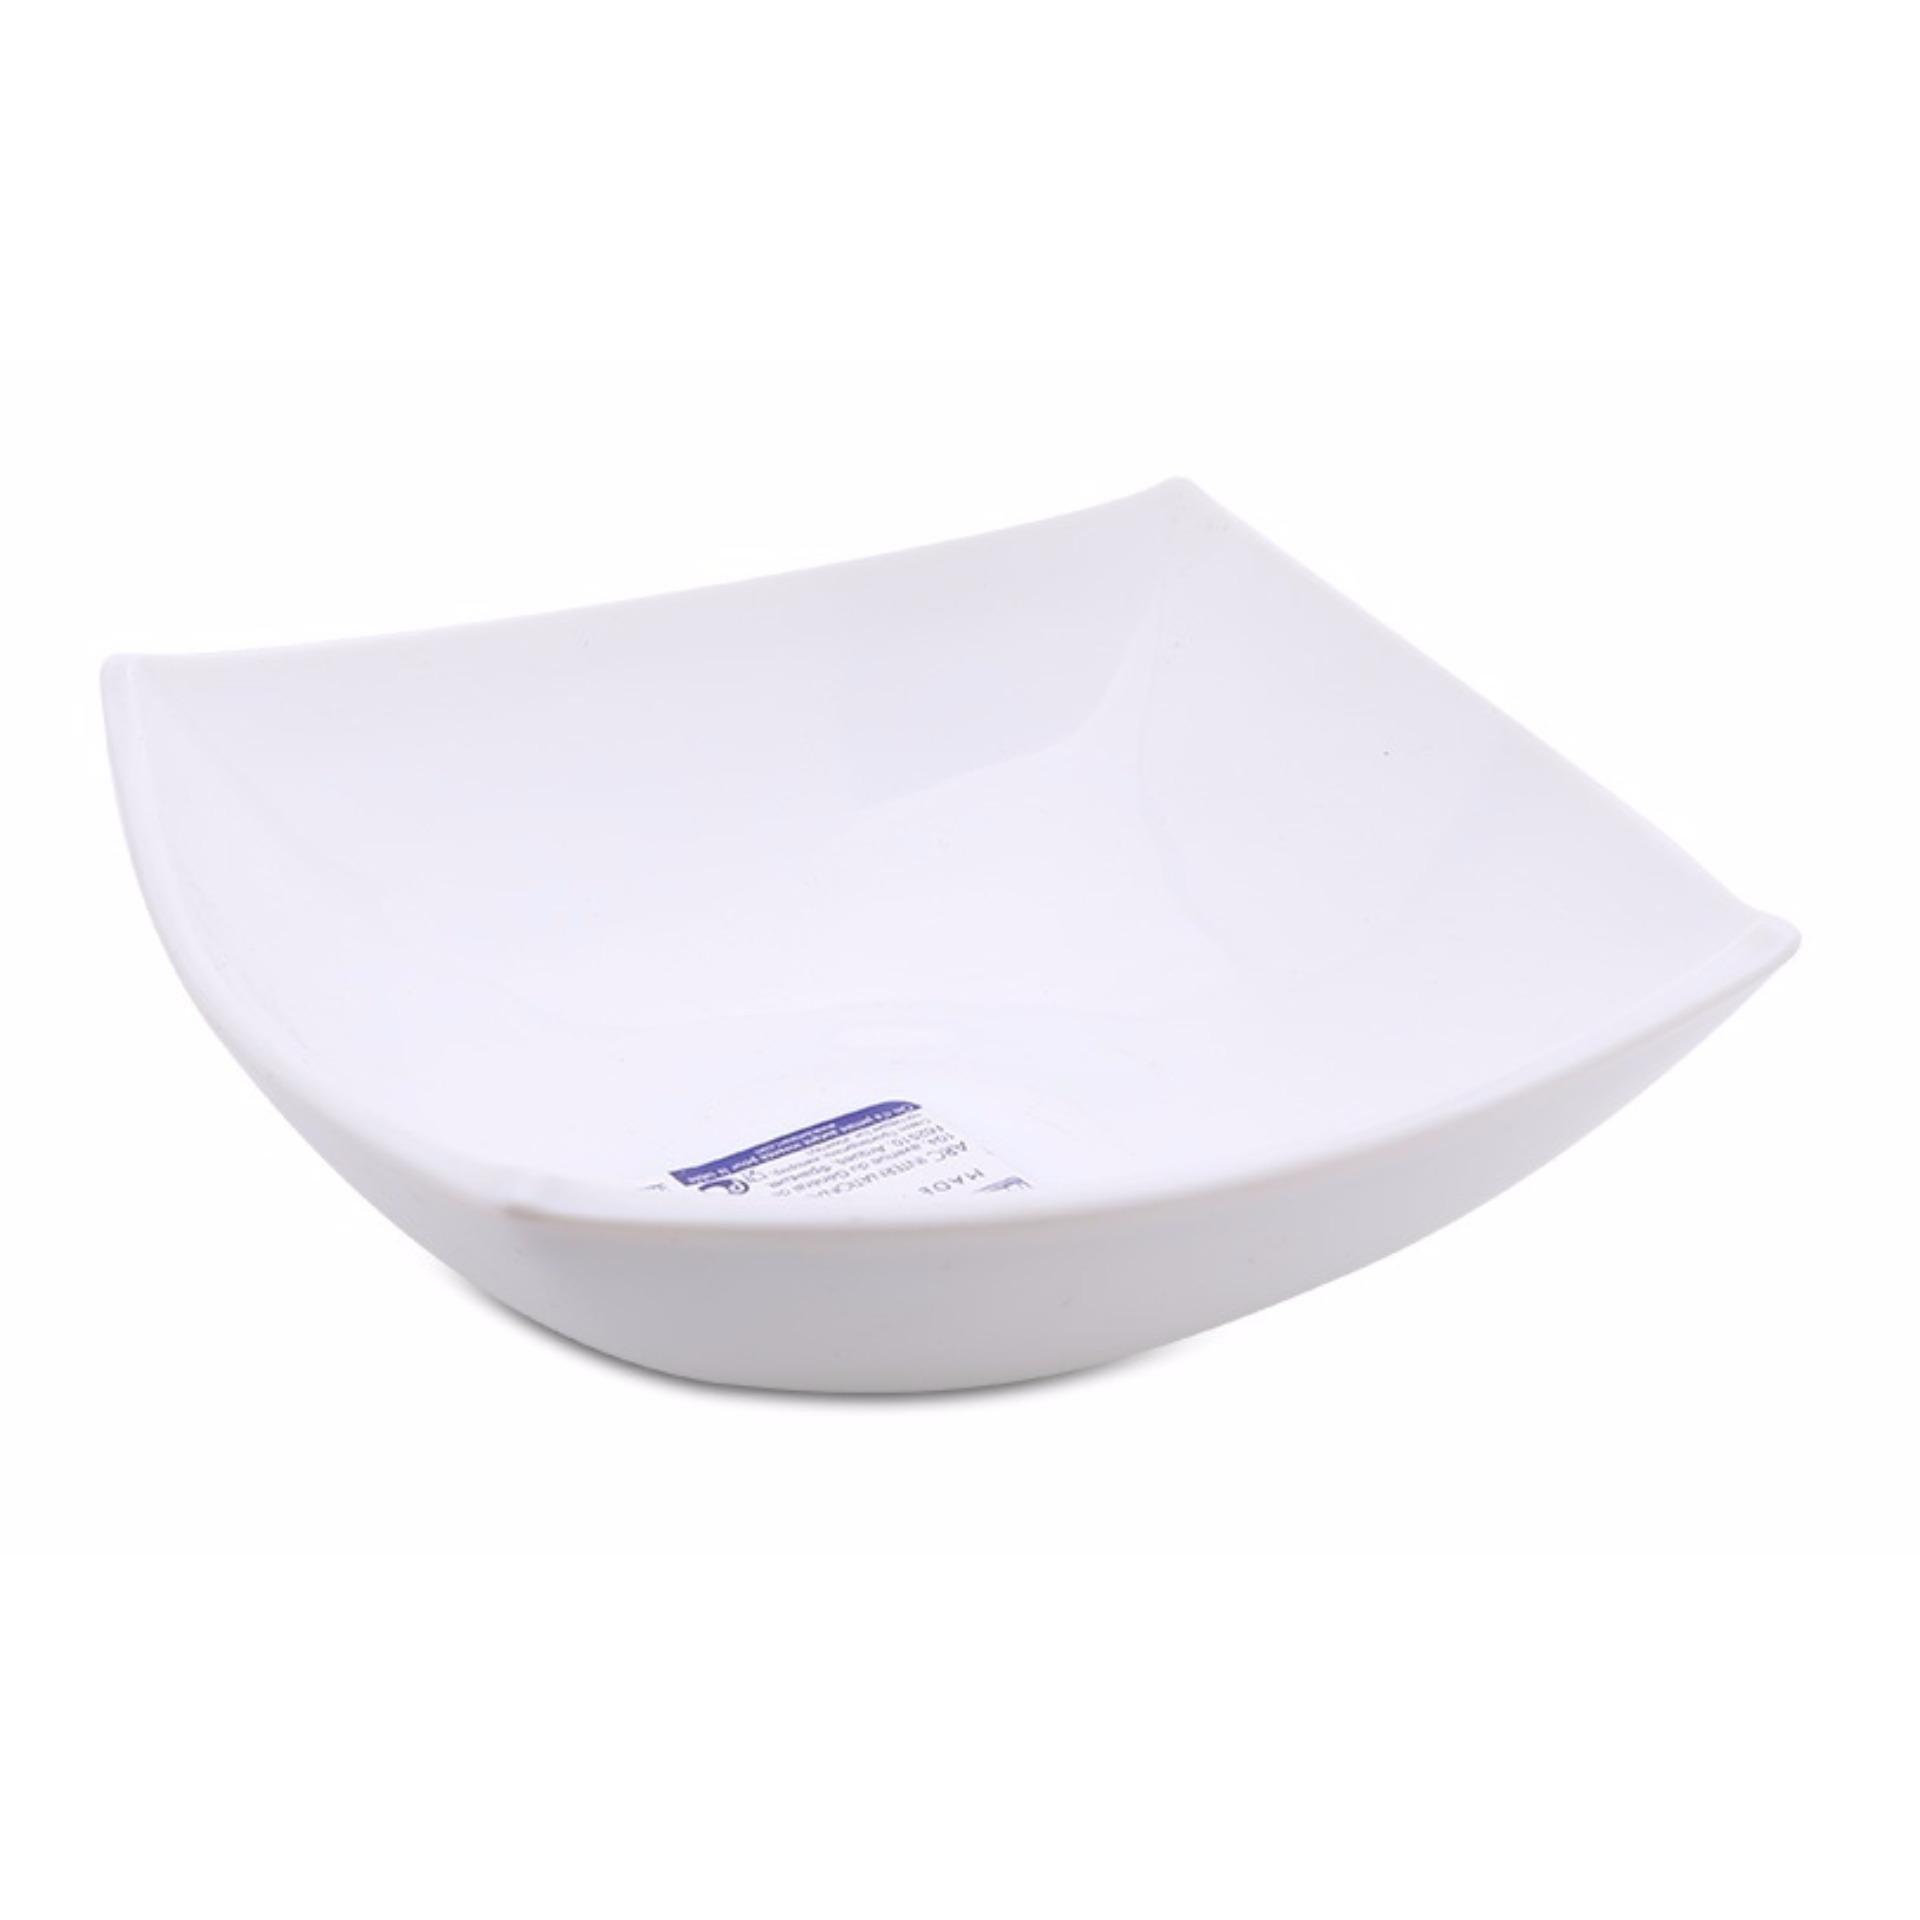 TÔ TT LUMINARC WHITE QUADRATO 14CM H3668